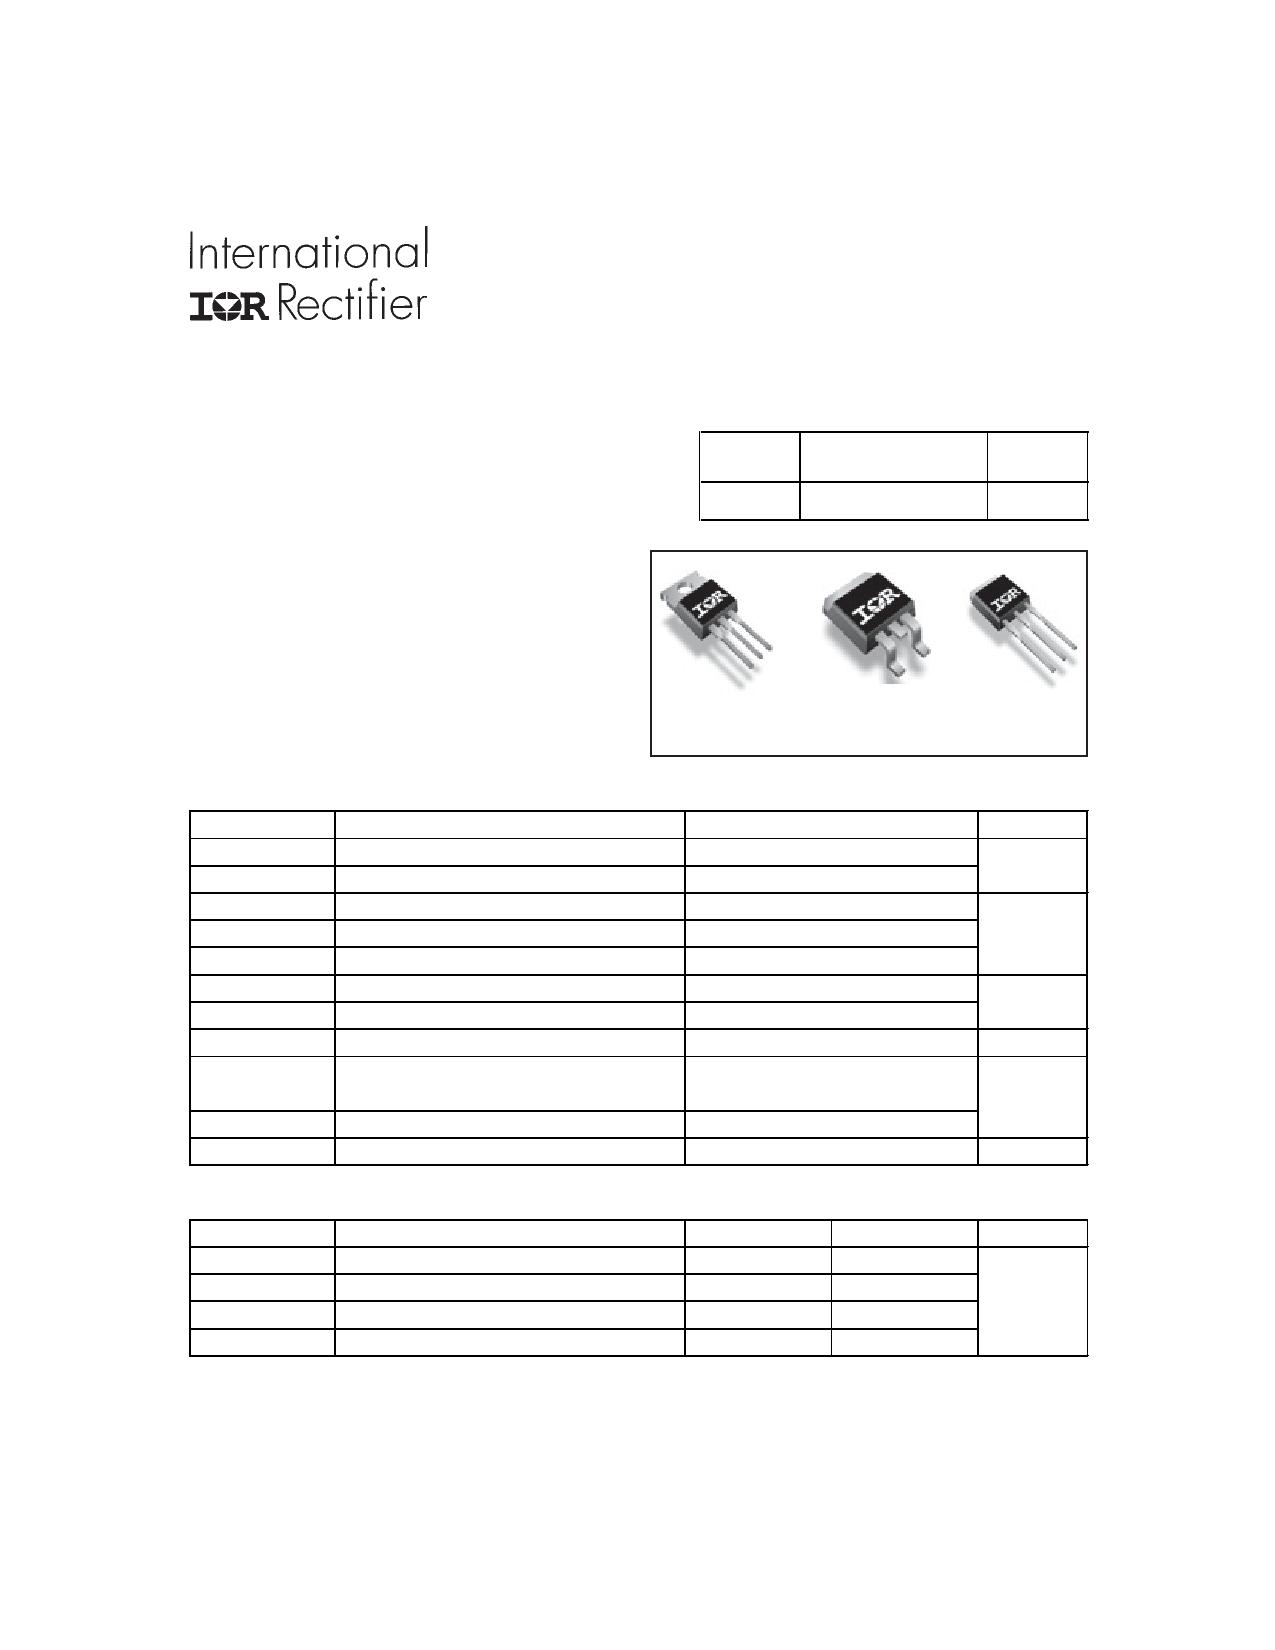 IRF3711ZPbF Datasheet, IRF3711ZPbF PDF,ピン配置, 機能